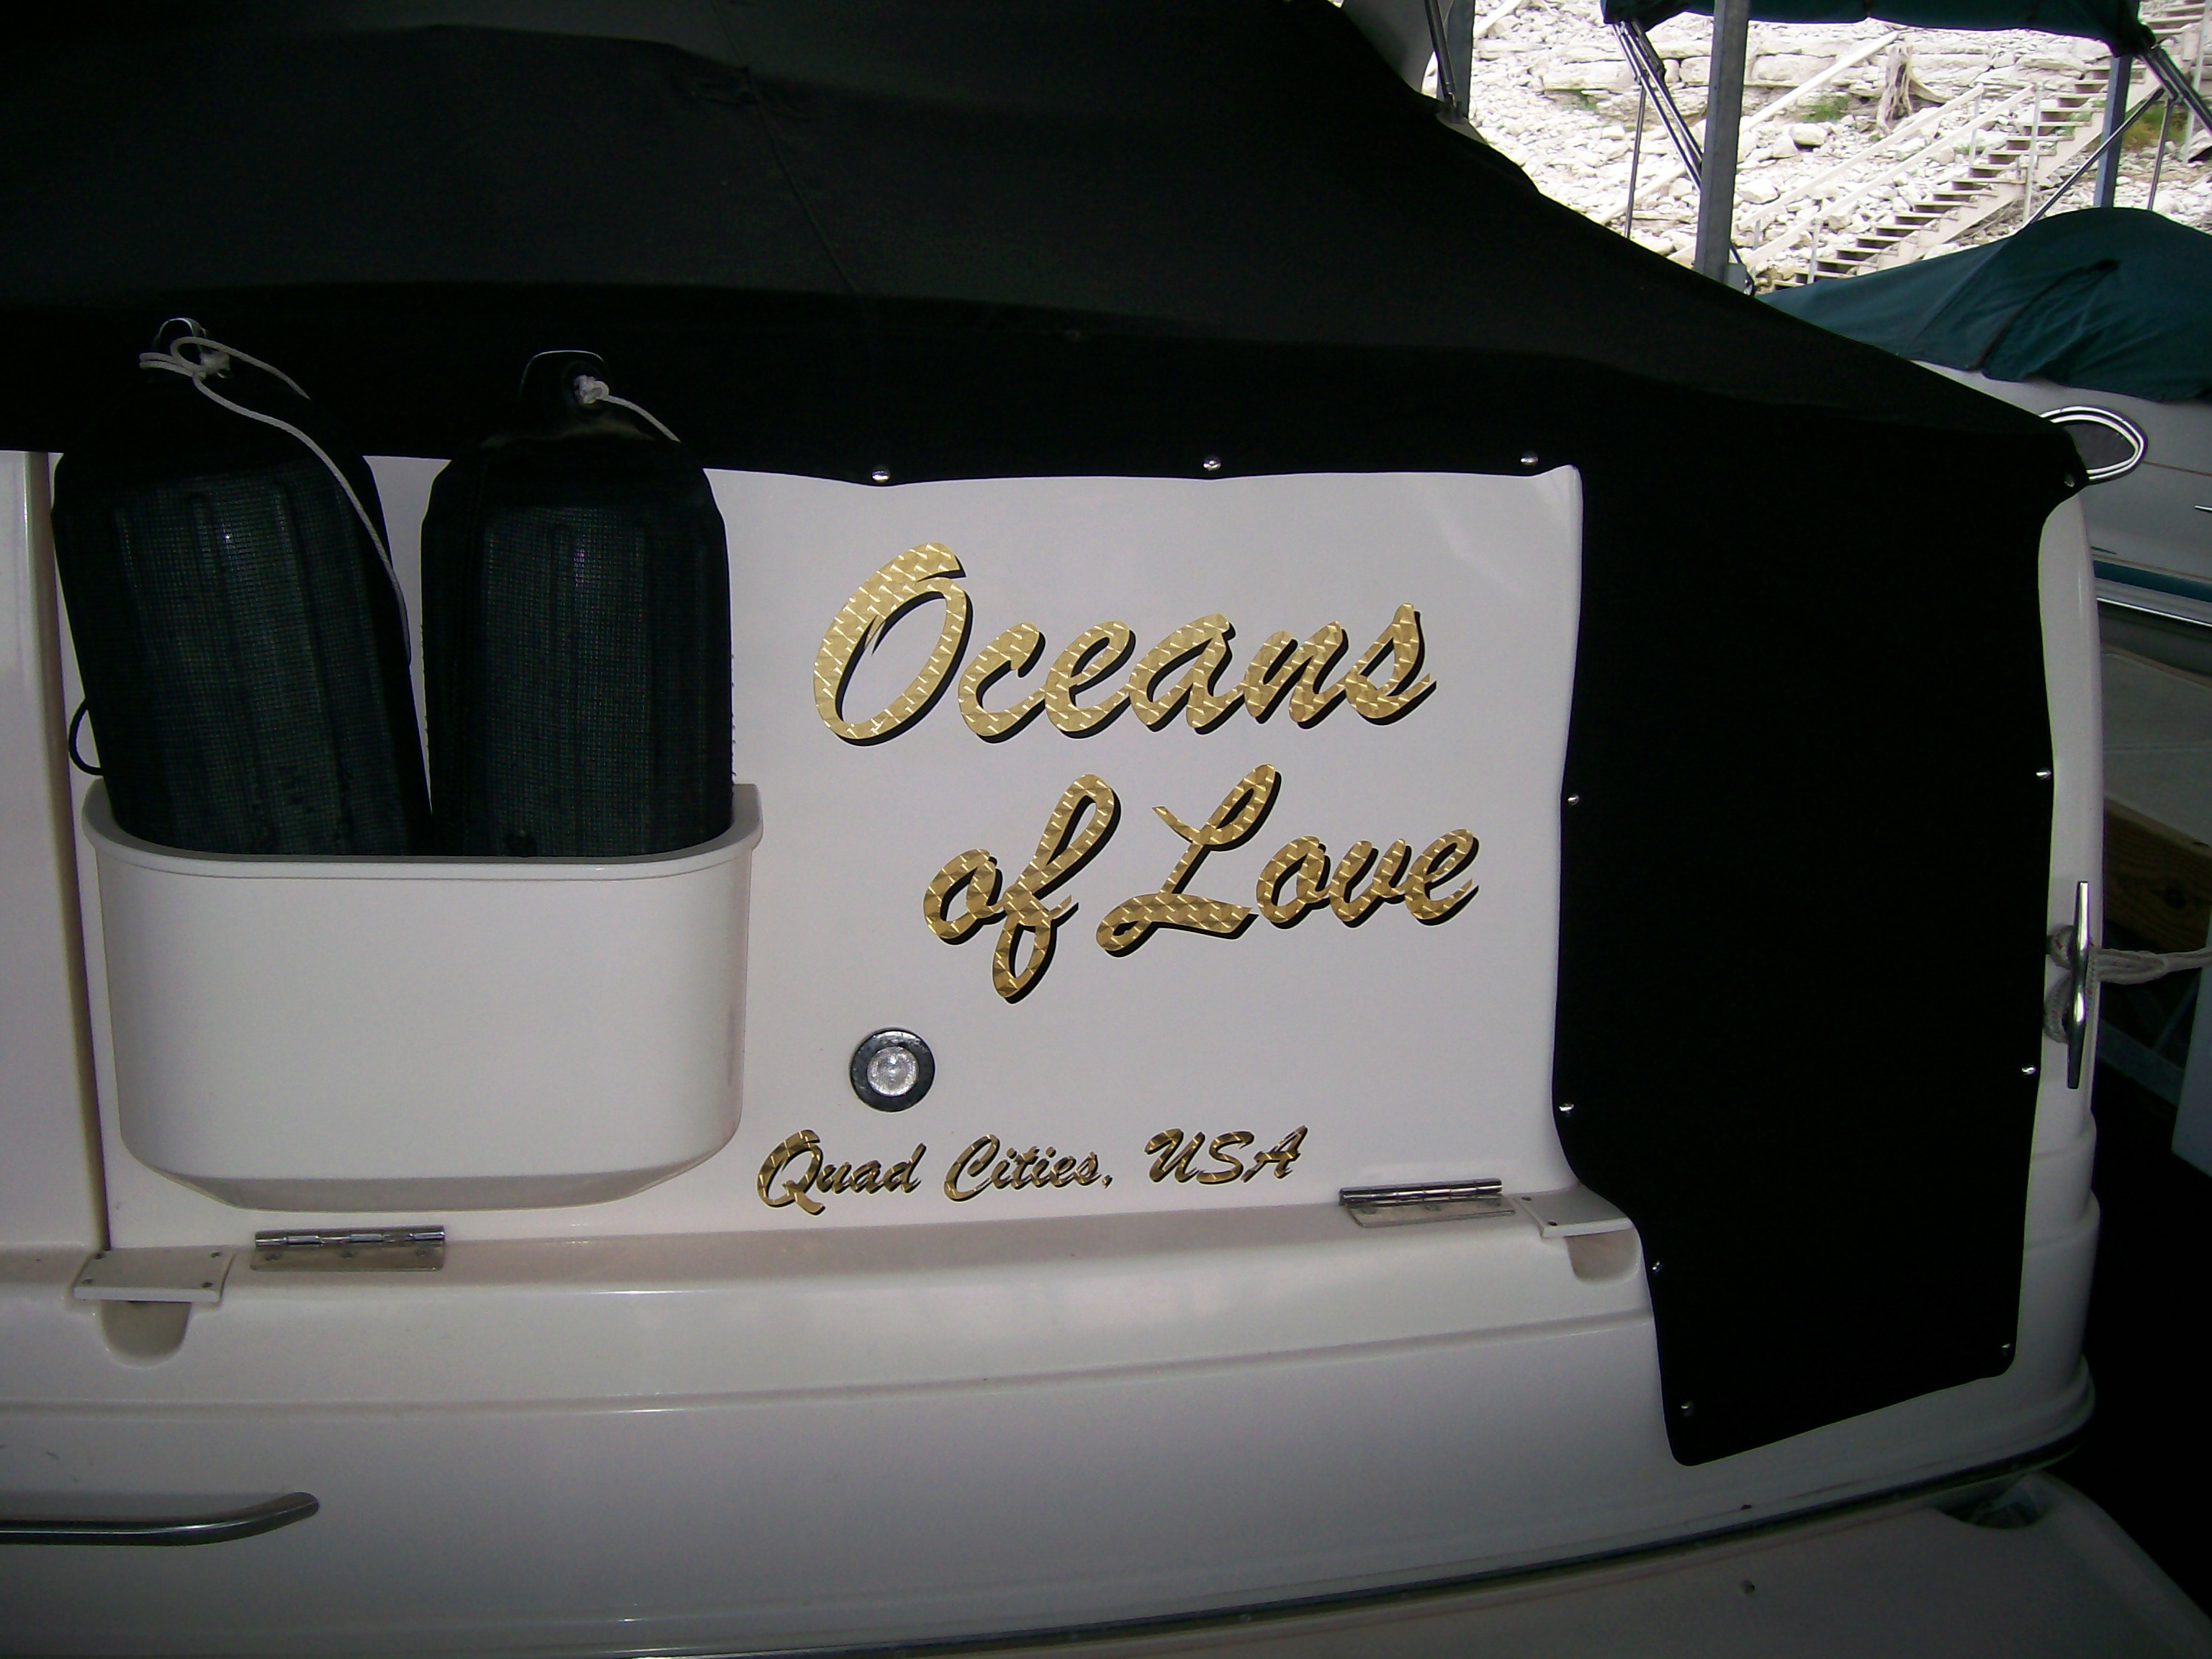 Oceans of Love